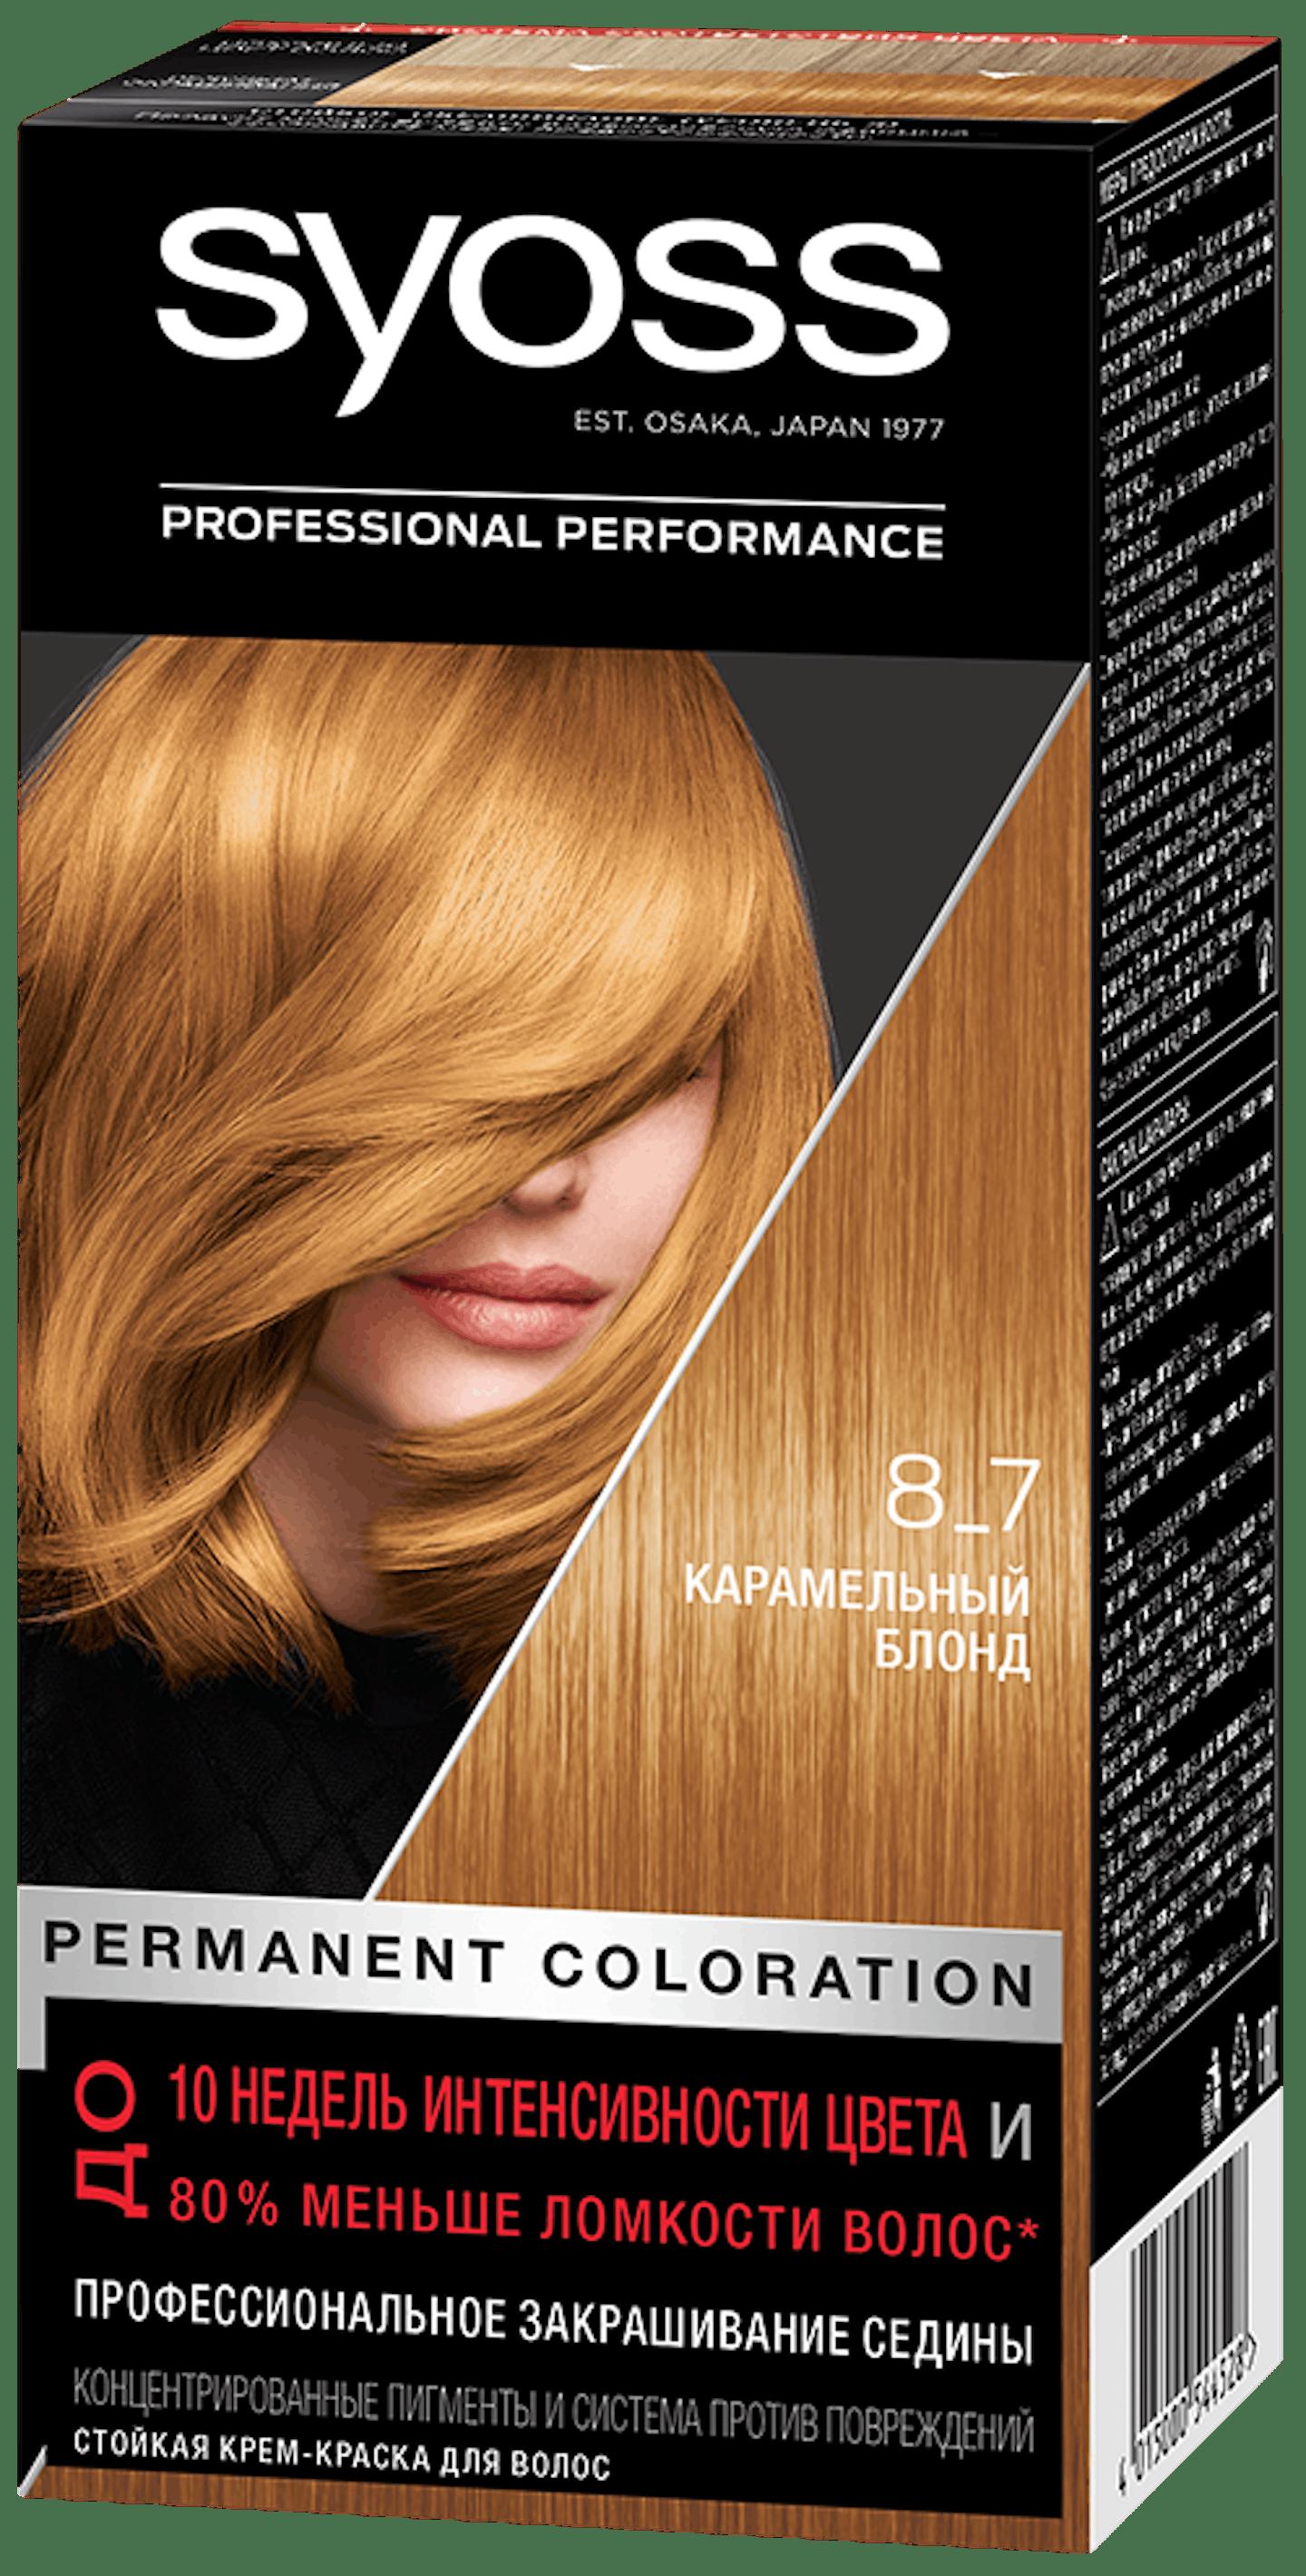 Карамельный блонд 8_7